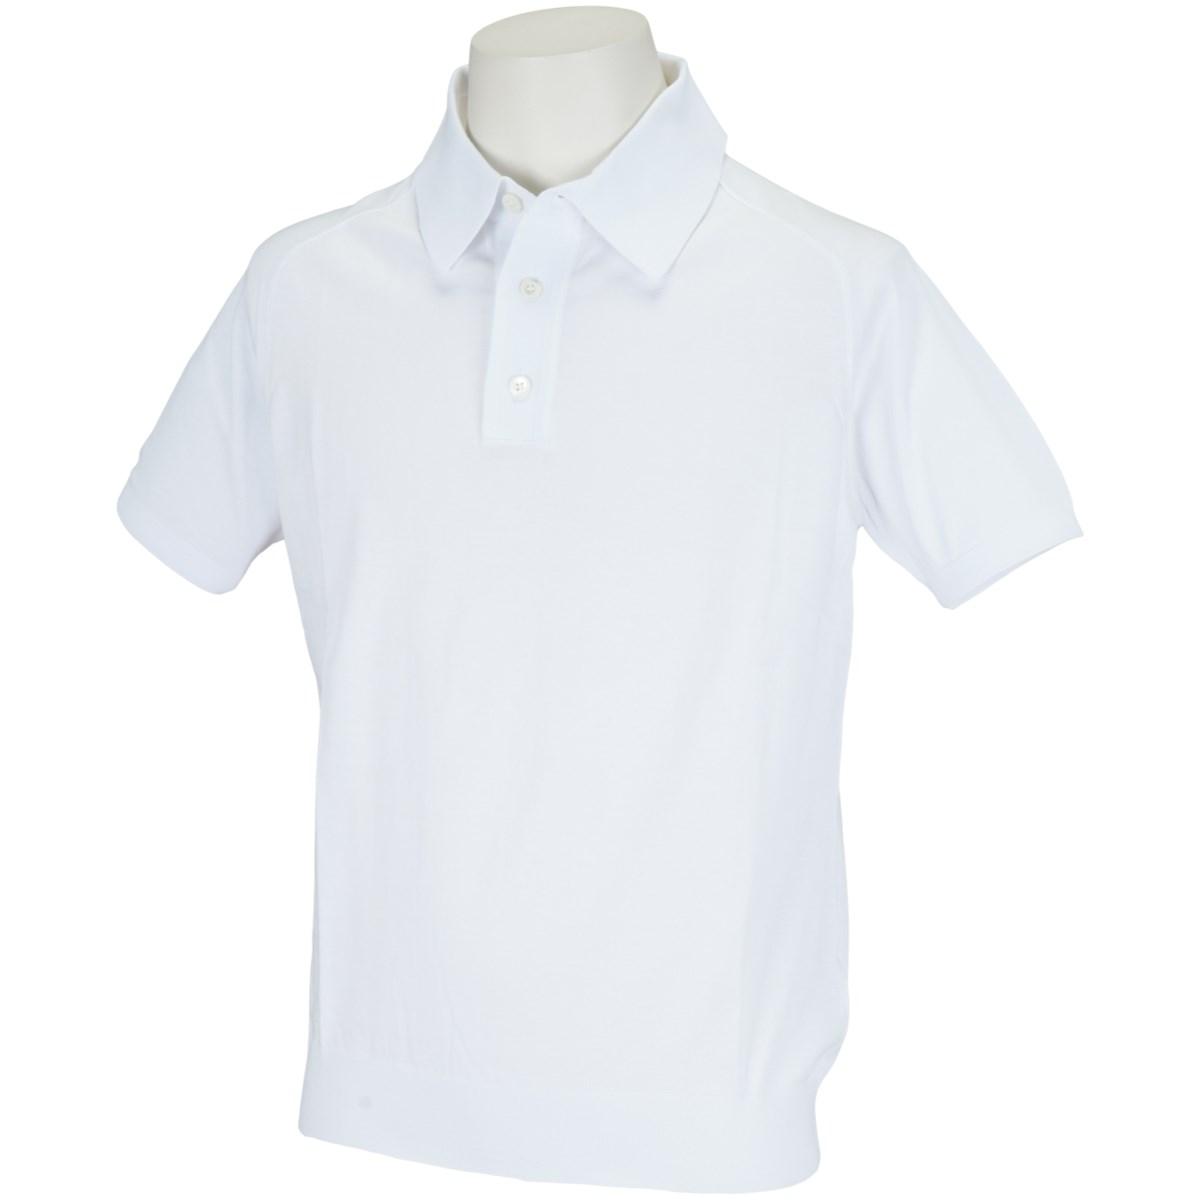 サマス ニット半袖ポロシャツ